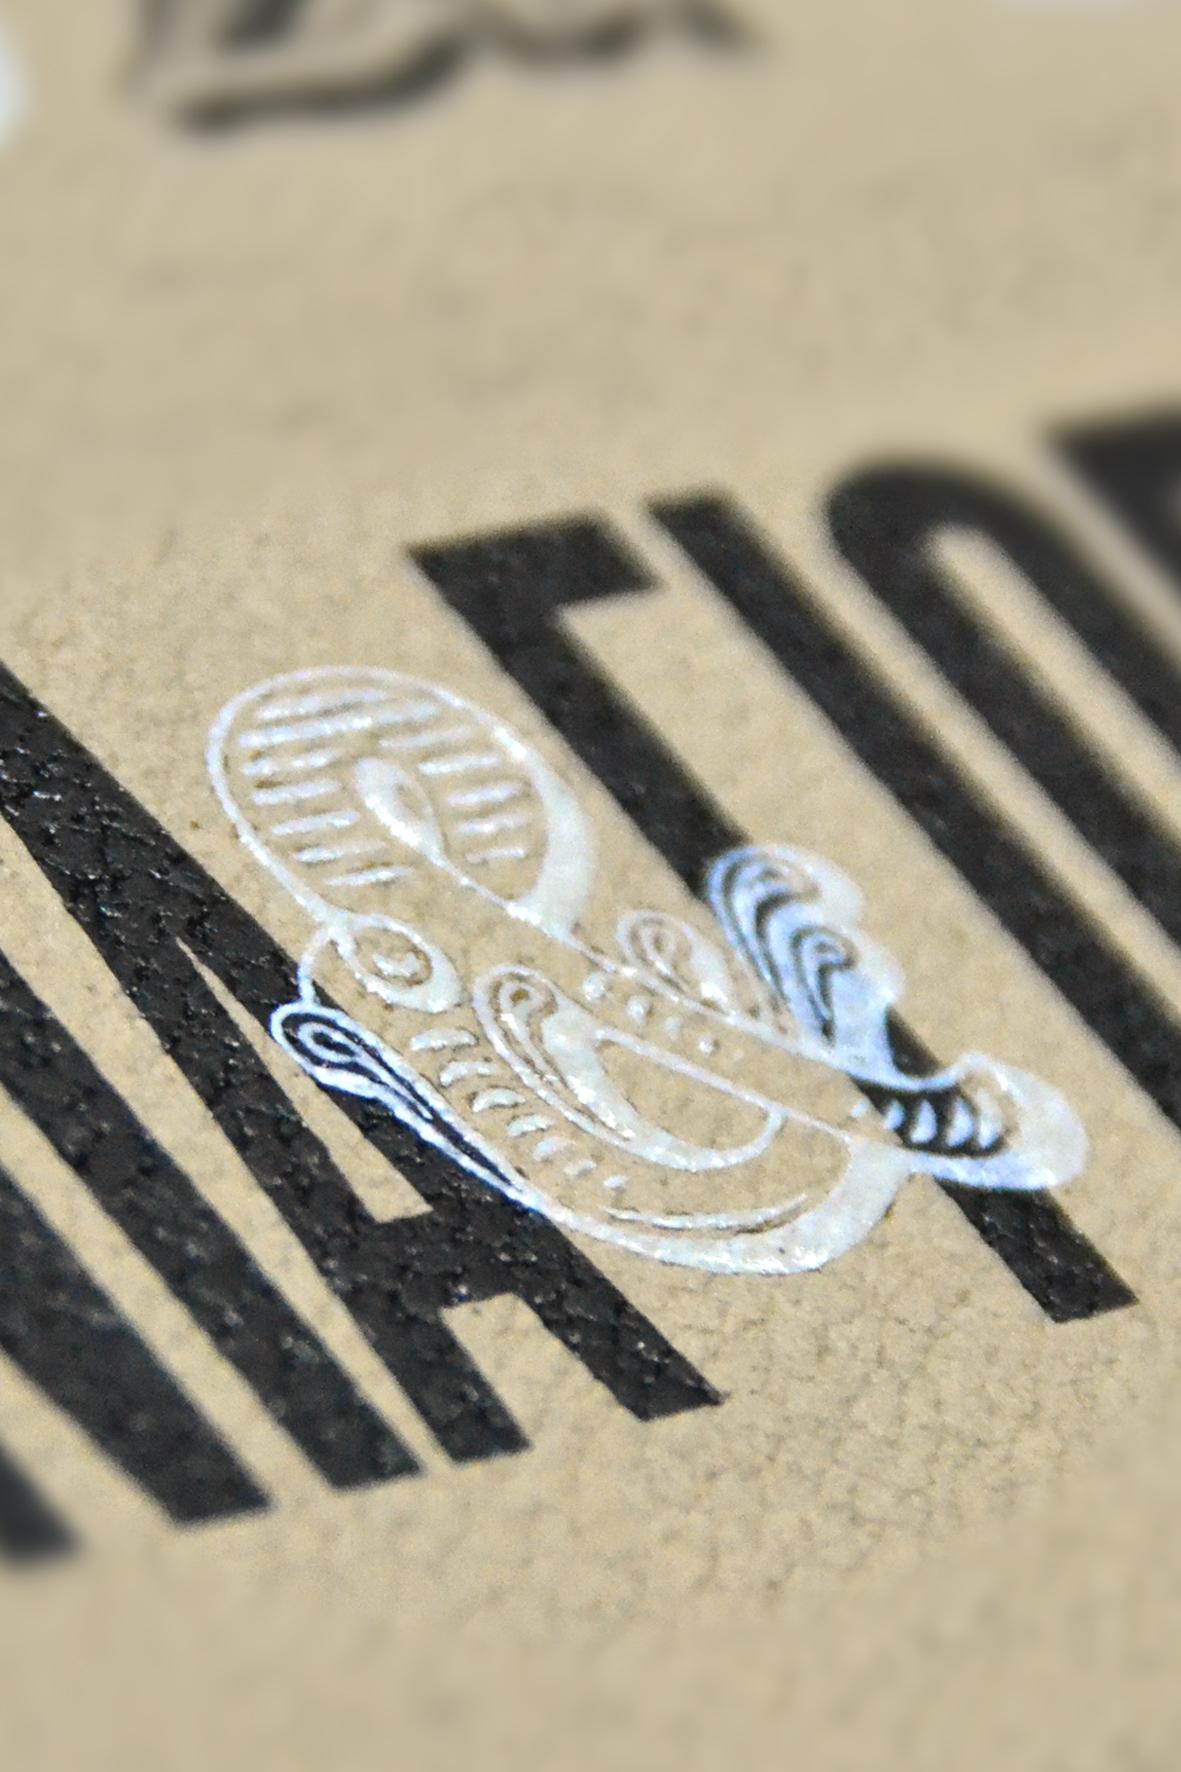 silkscreen printing /letterpress